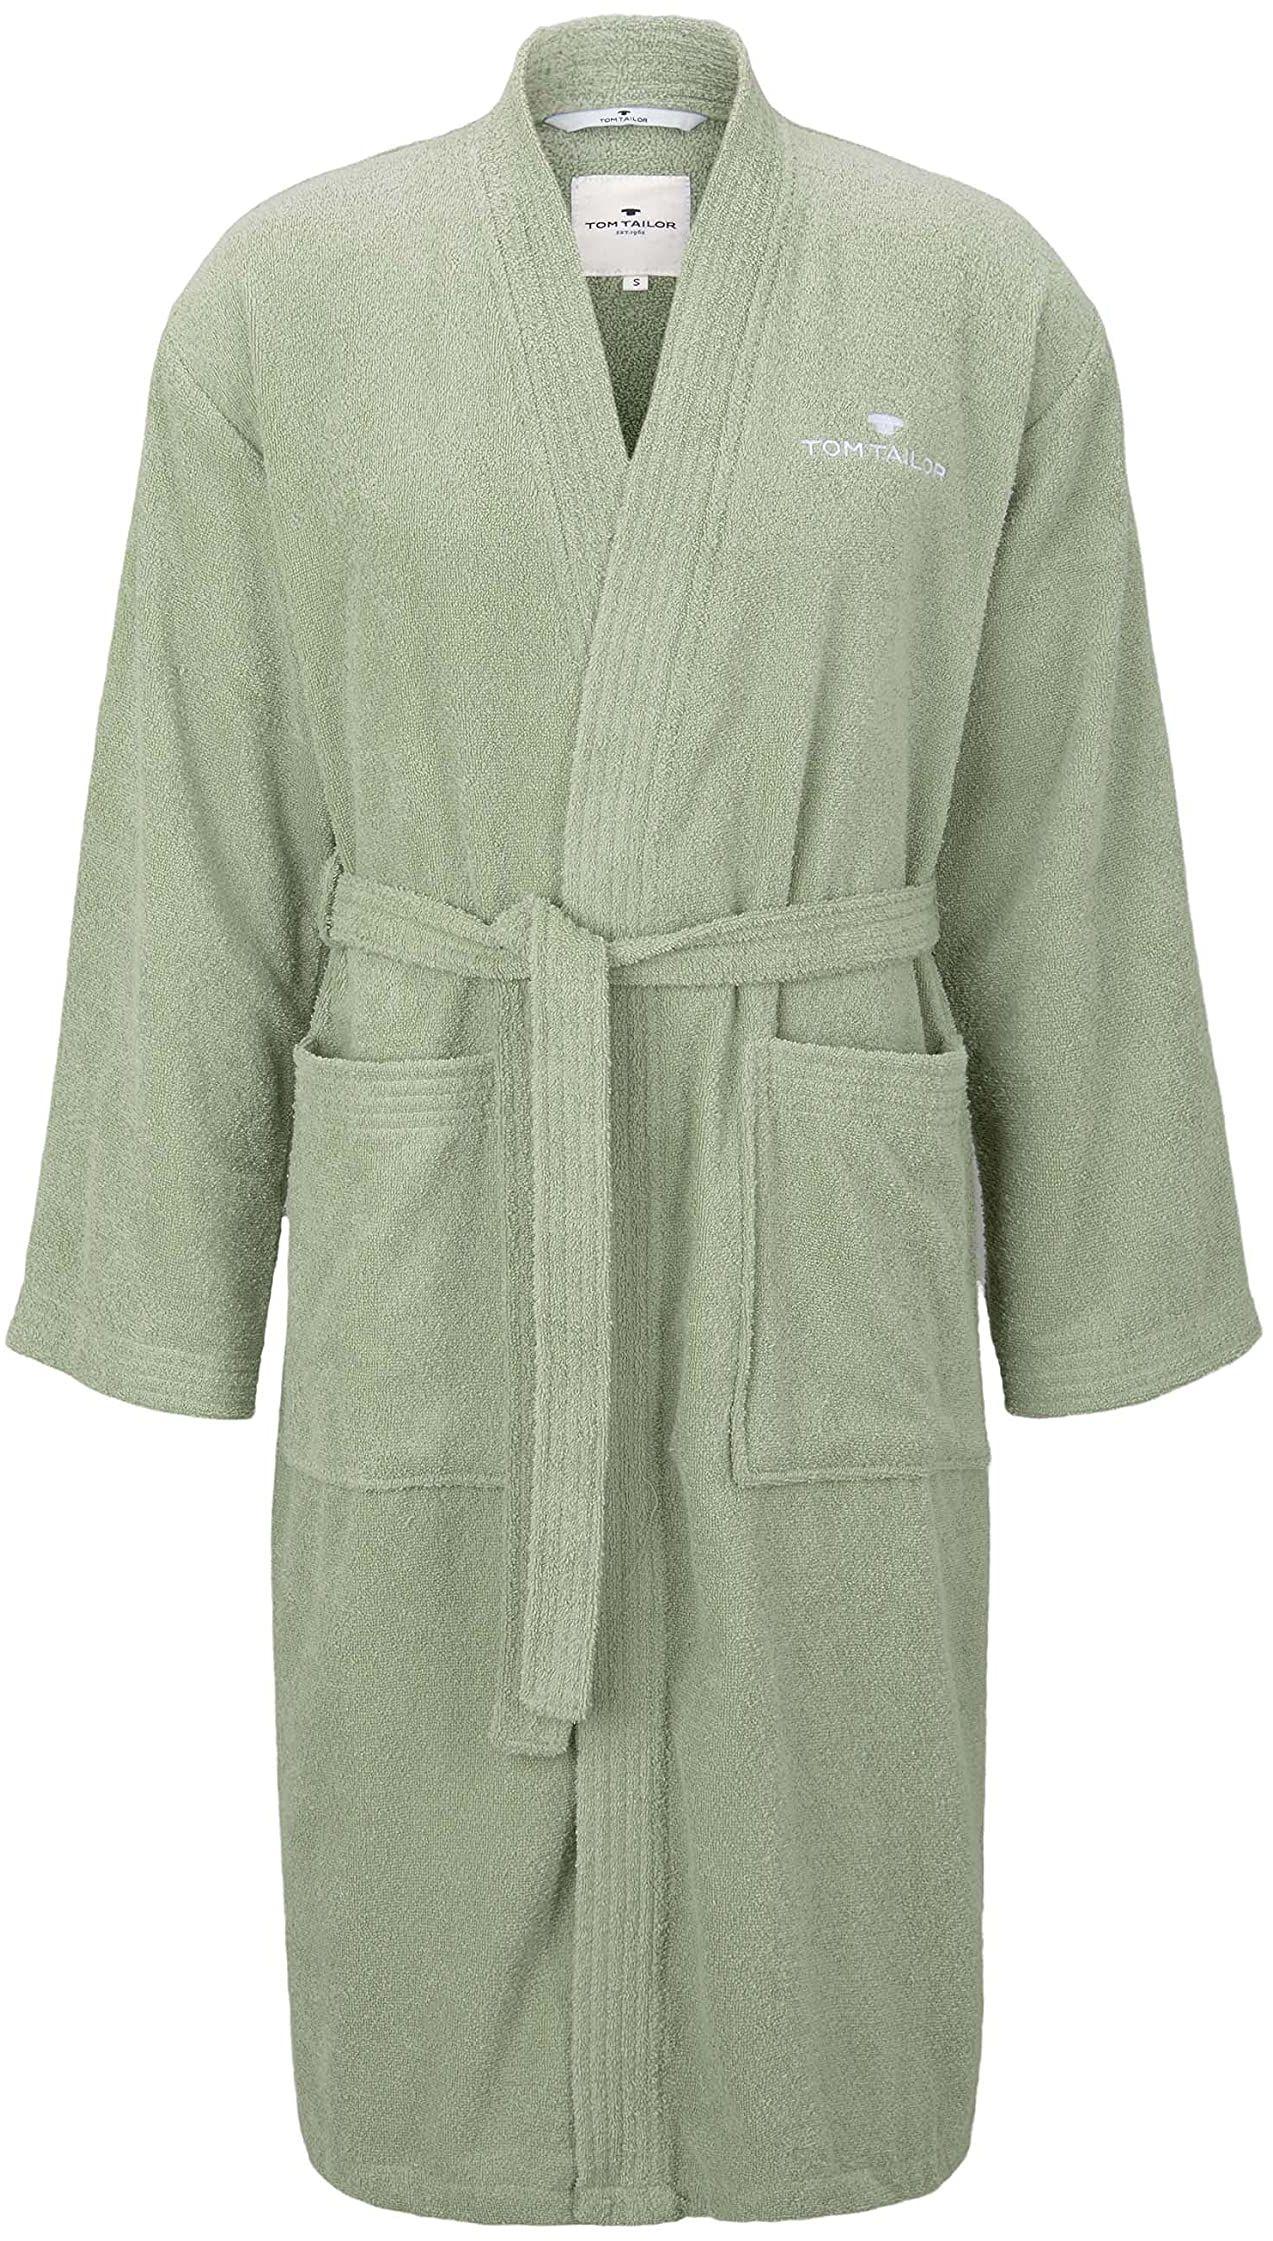 TOM TAILOR 0100300 szlafrok Kimono frotte rozmiar XXL, eucalyptus